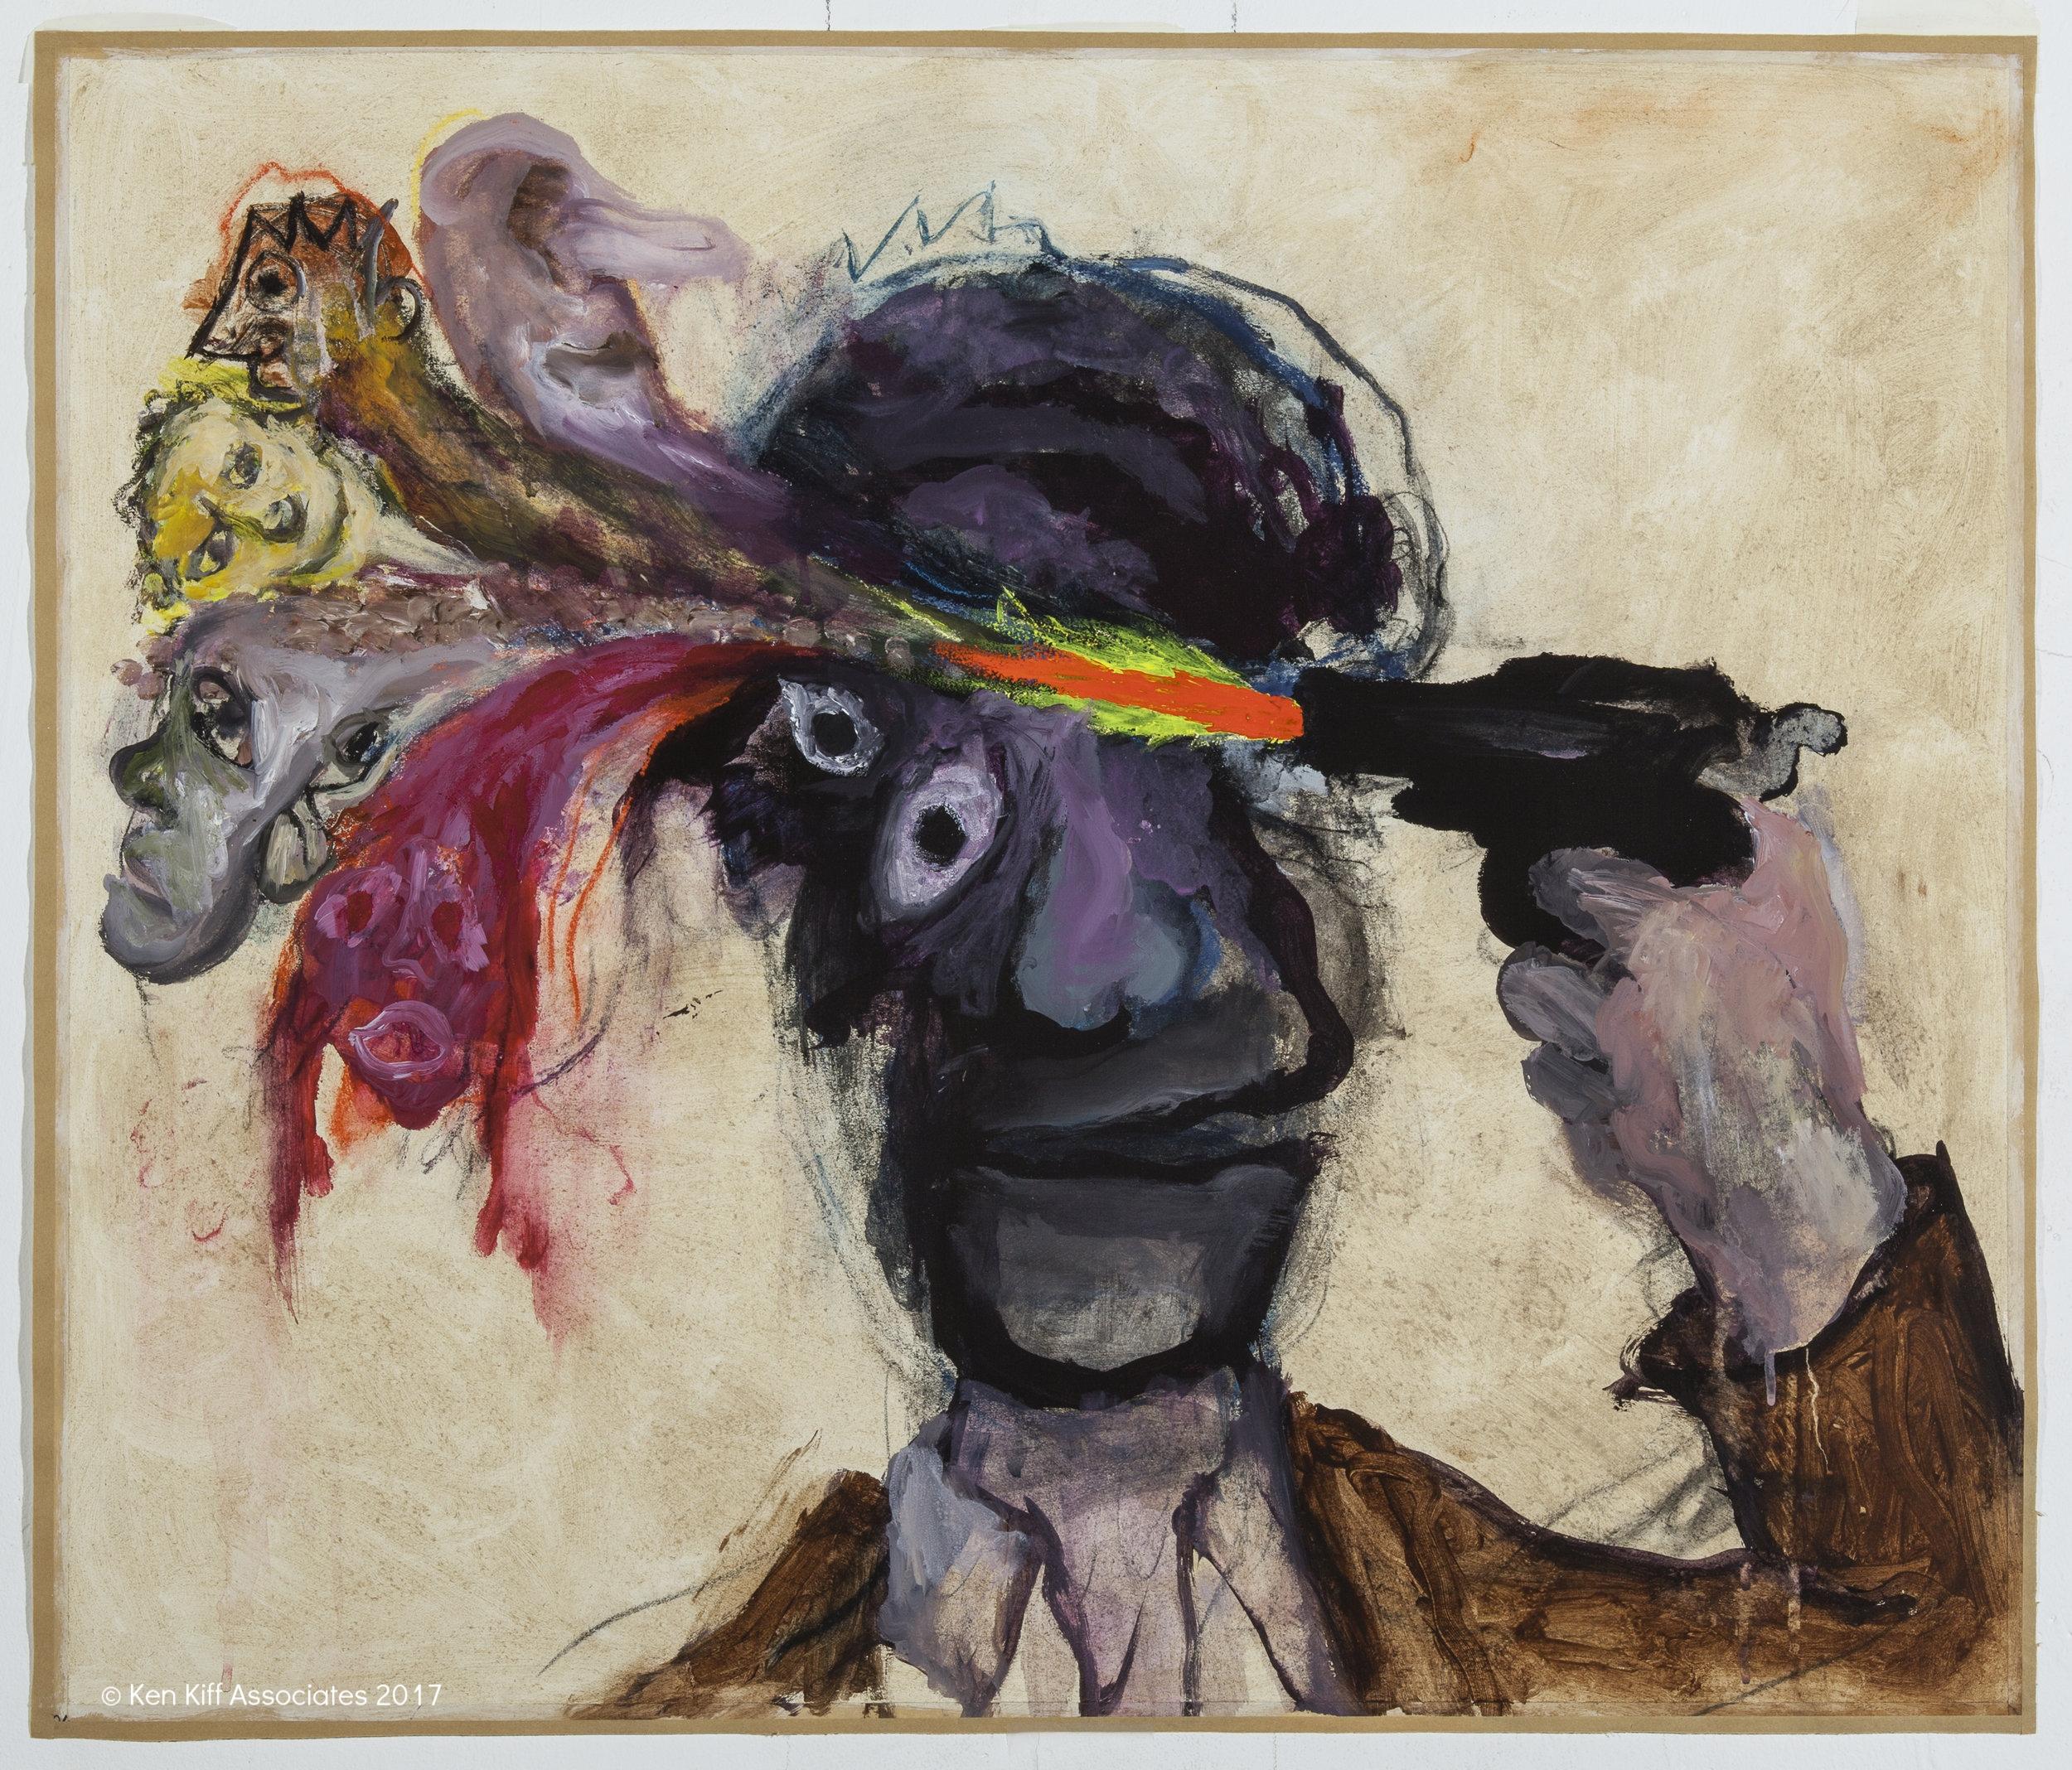 Ken Kiff - The Poet Mayakovsky, Sequence #164